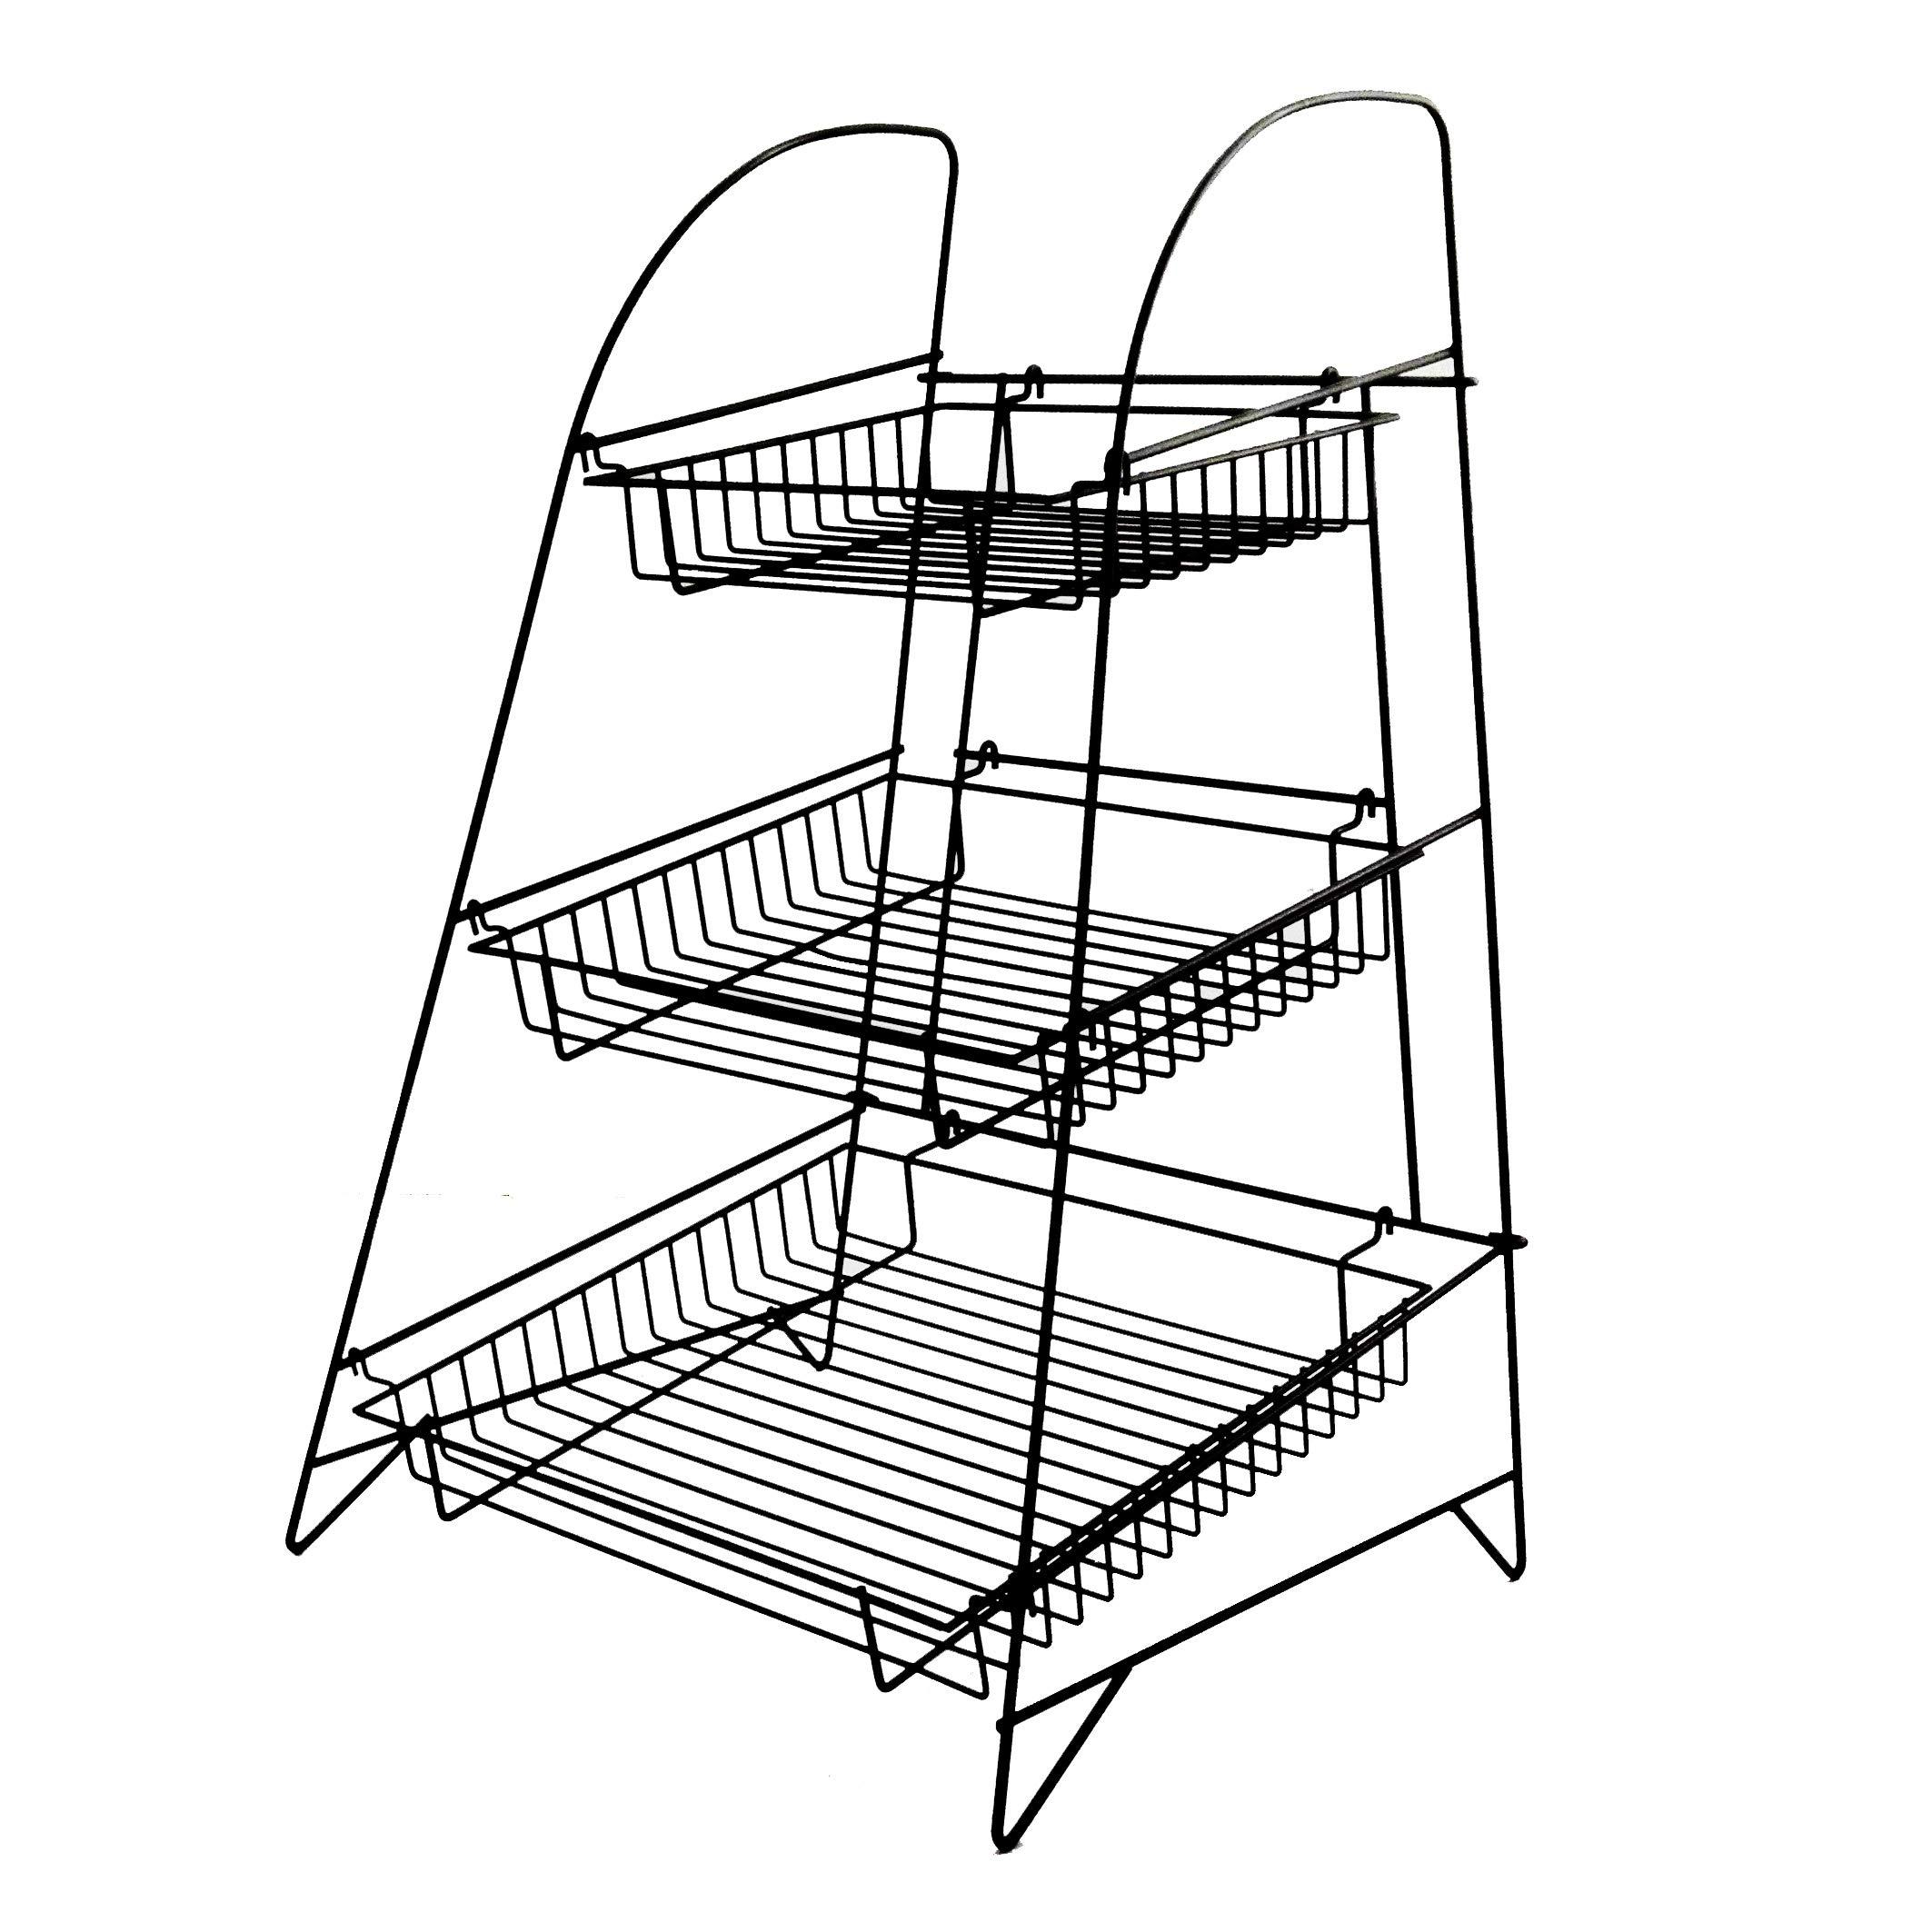 FixtureDisplays 3-Tier Wire Display Rack Bakery Snacks Confection Tray Display Countertop Stand Black 120047-NPF